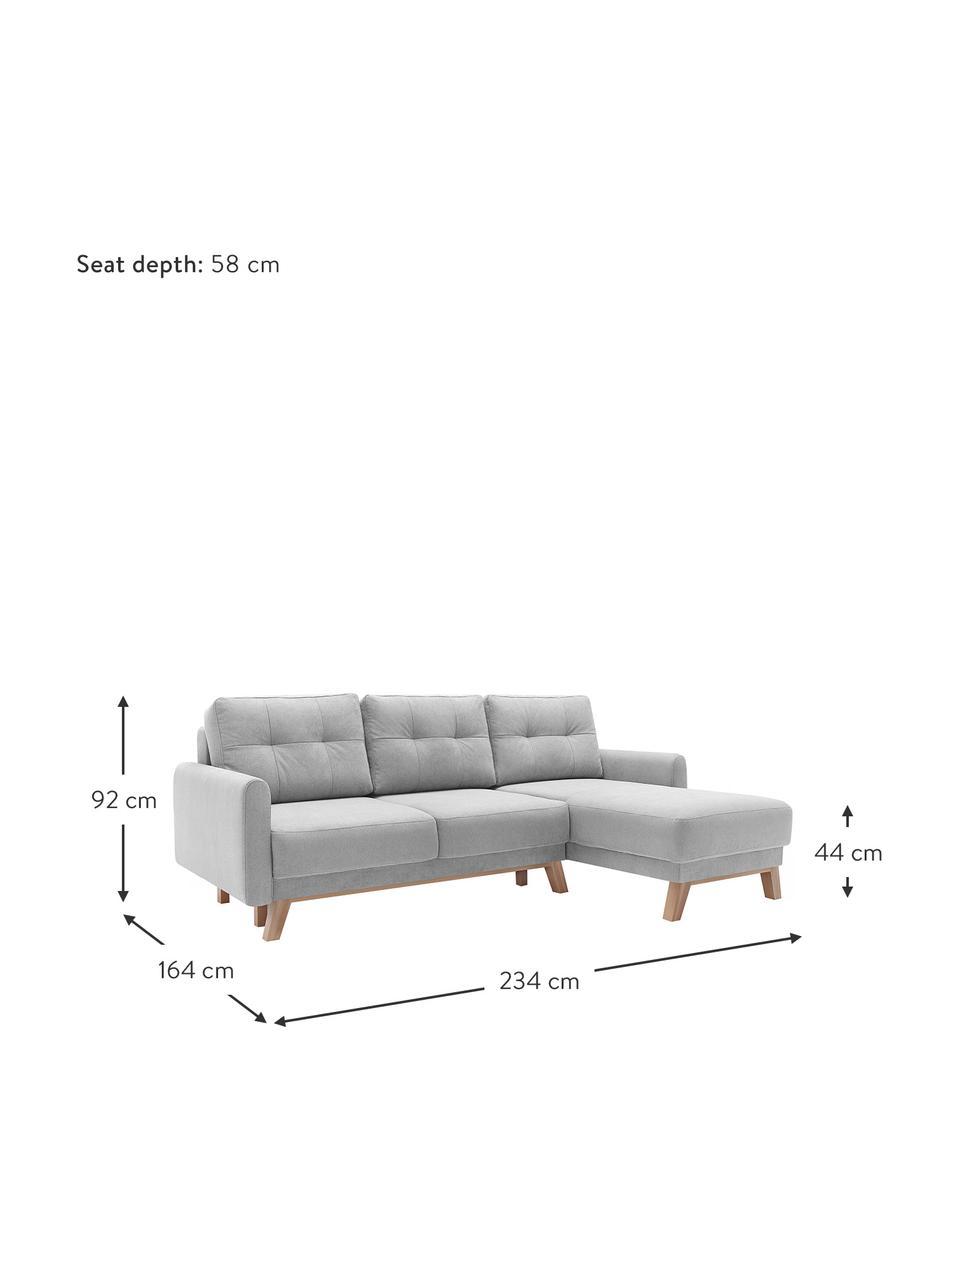 Lichtgrijze hoekslaapbank Balio (4-zits) met opbergfunctie, Bekleding: 100% polyester fluweel, Frame: massief grenenhout, spaan, Poten: hout, Fluweel lichtgrijs, B 234 cm x D 164 cm